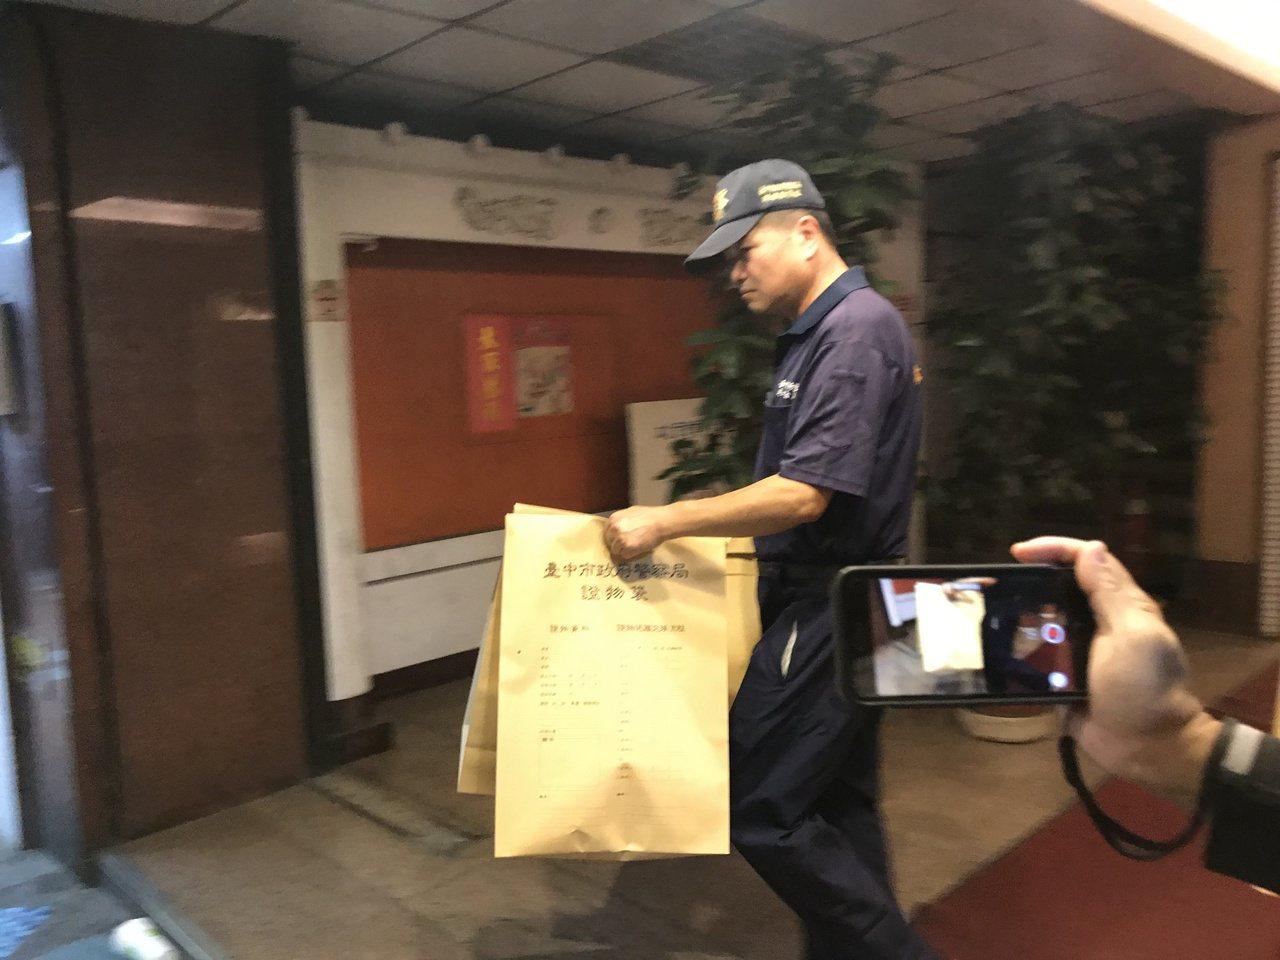 台中市中區一間住商混合大樓驚傳三屍命案,警方漏夜偵辦中,鑑識中心人員以牛皮紙袋帶...